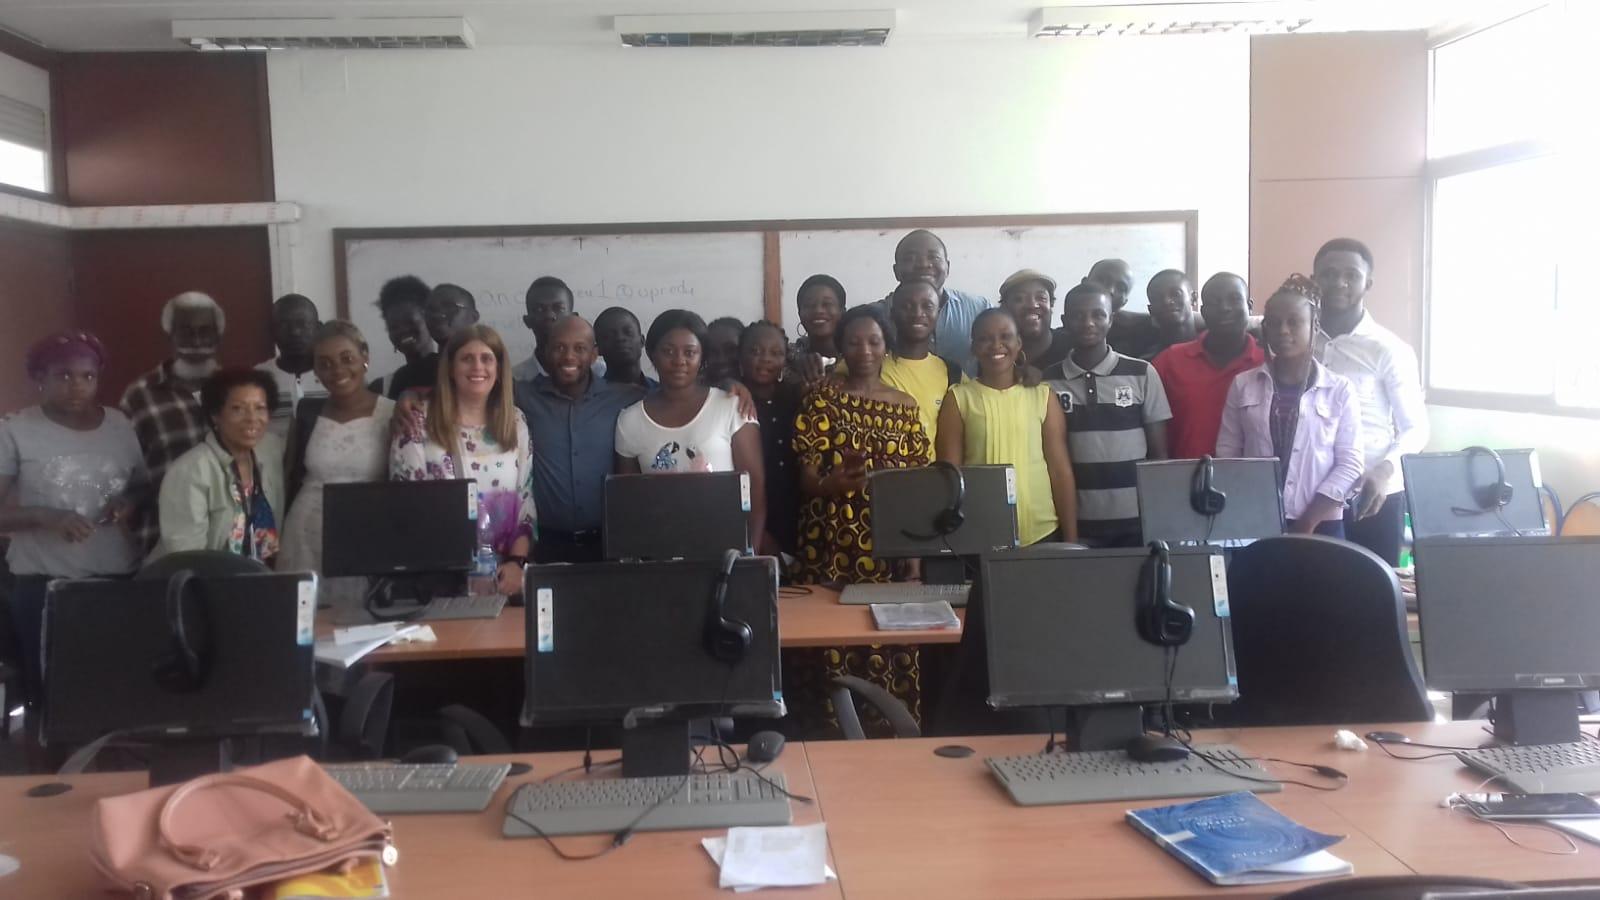 Congrès d'Abidjan 2019 - 01